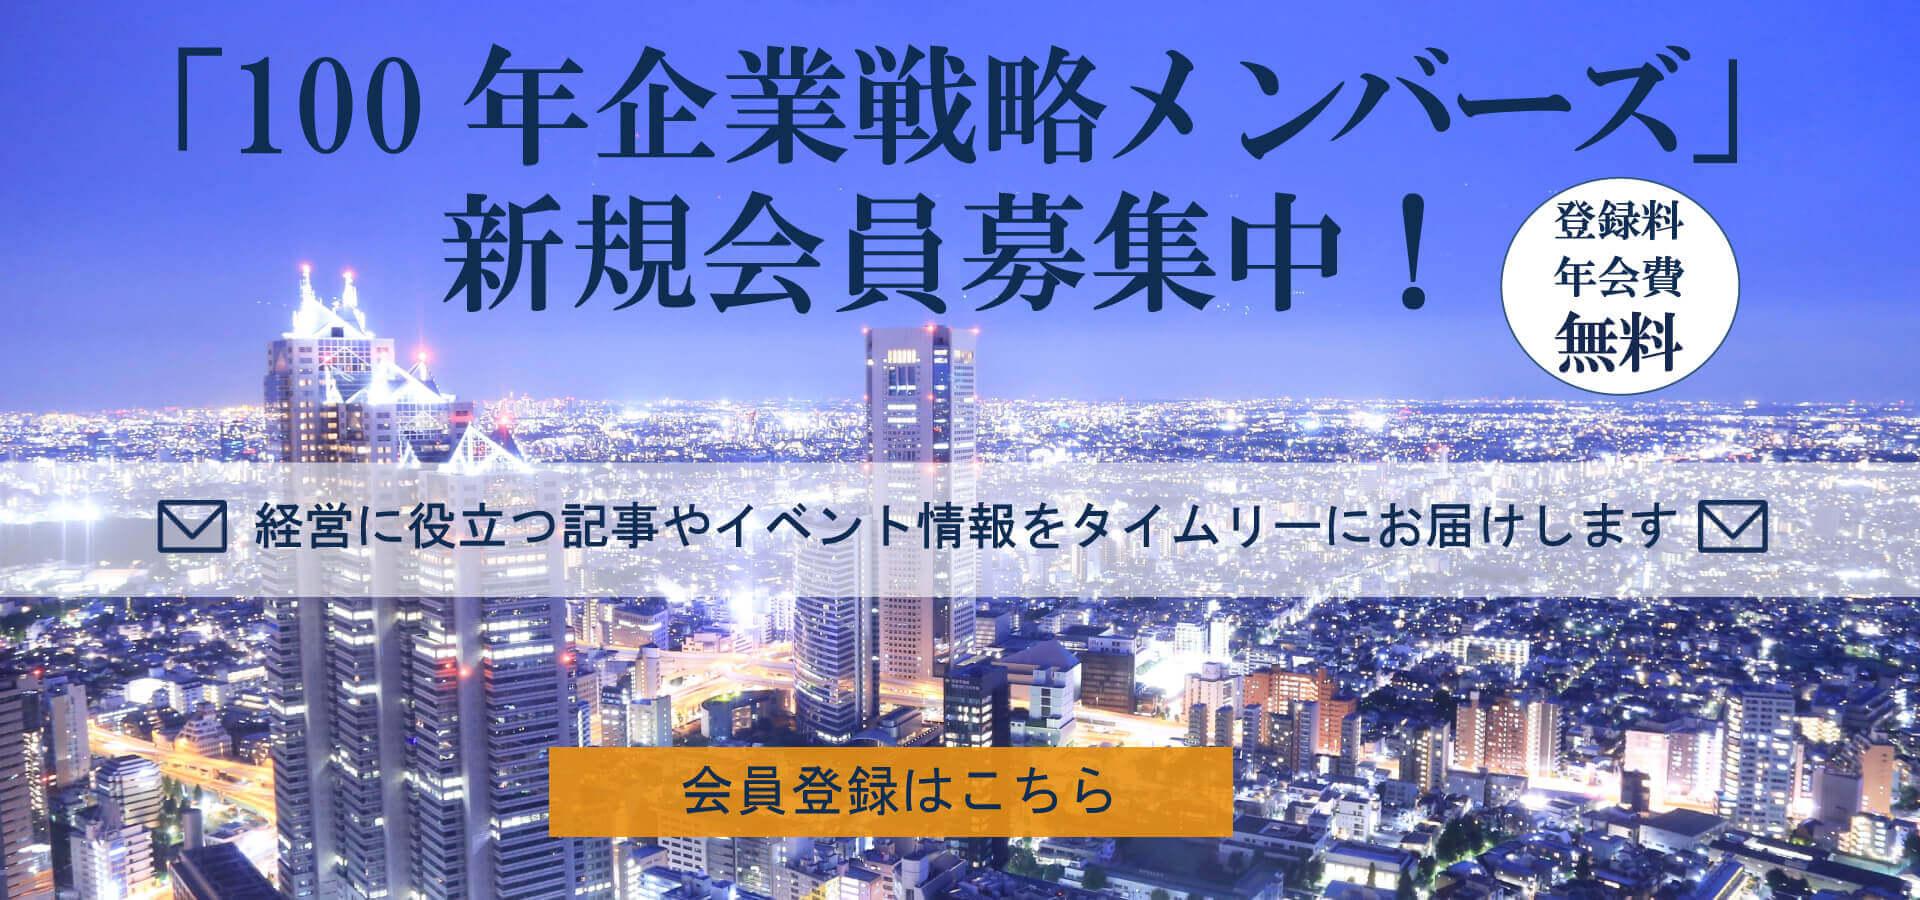 「100年企業戦略メンバーズ」新規会員募集中!